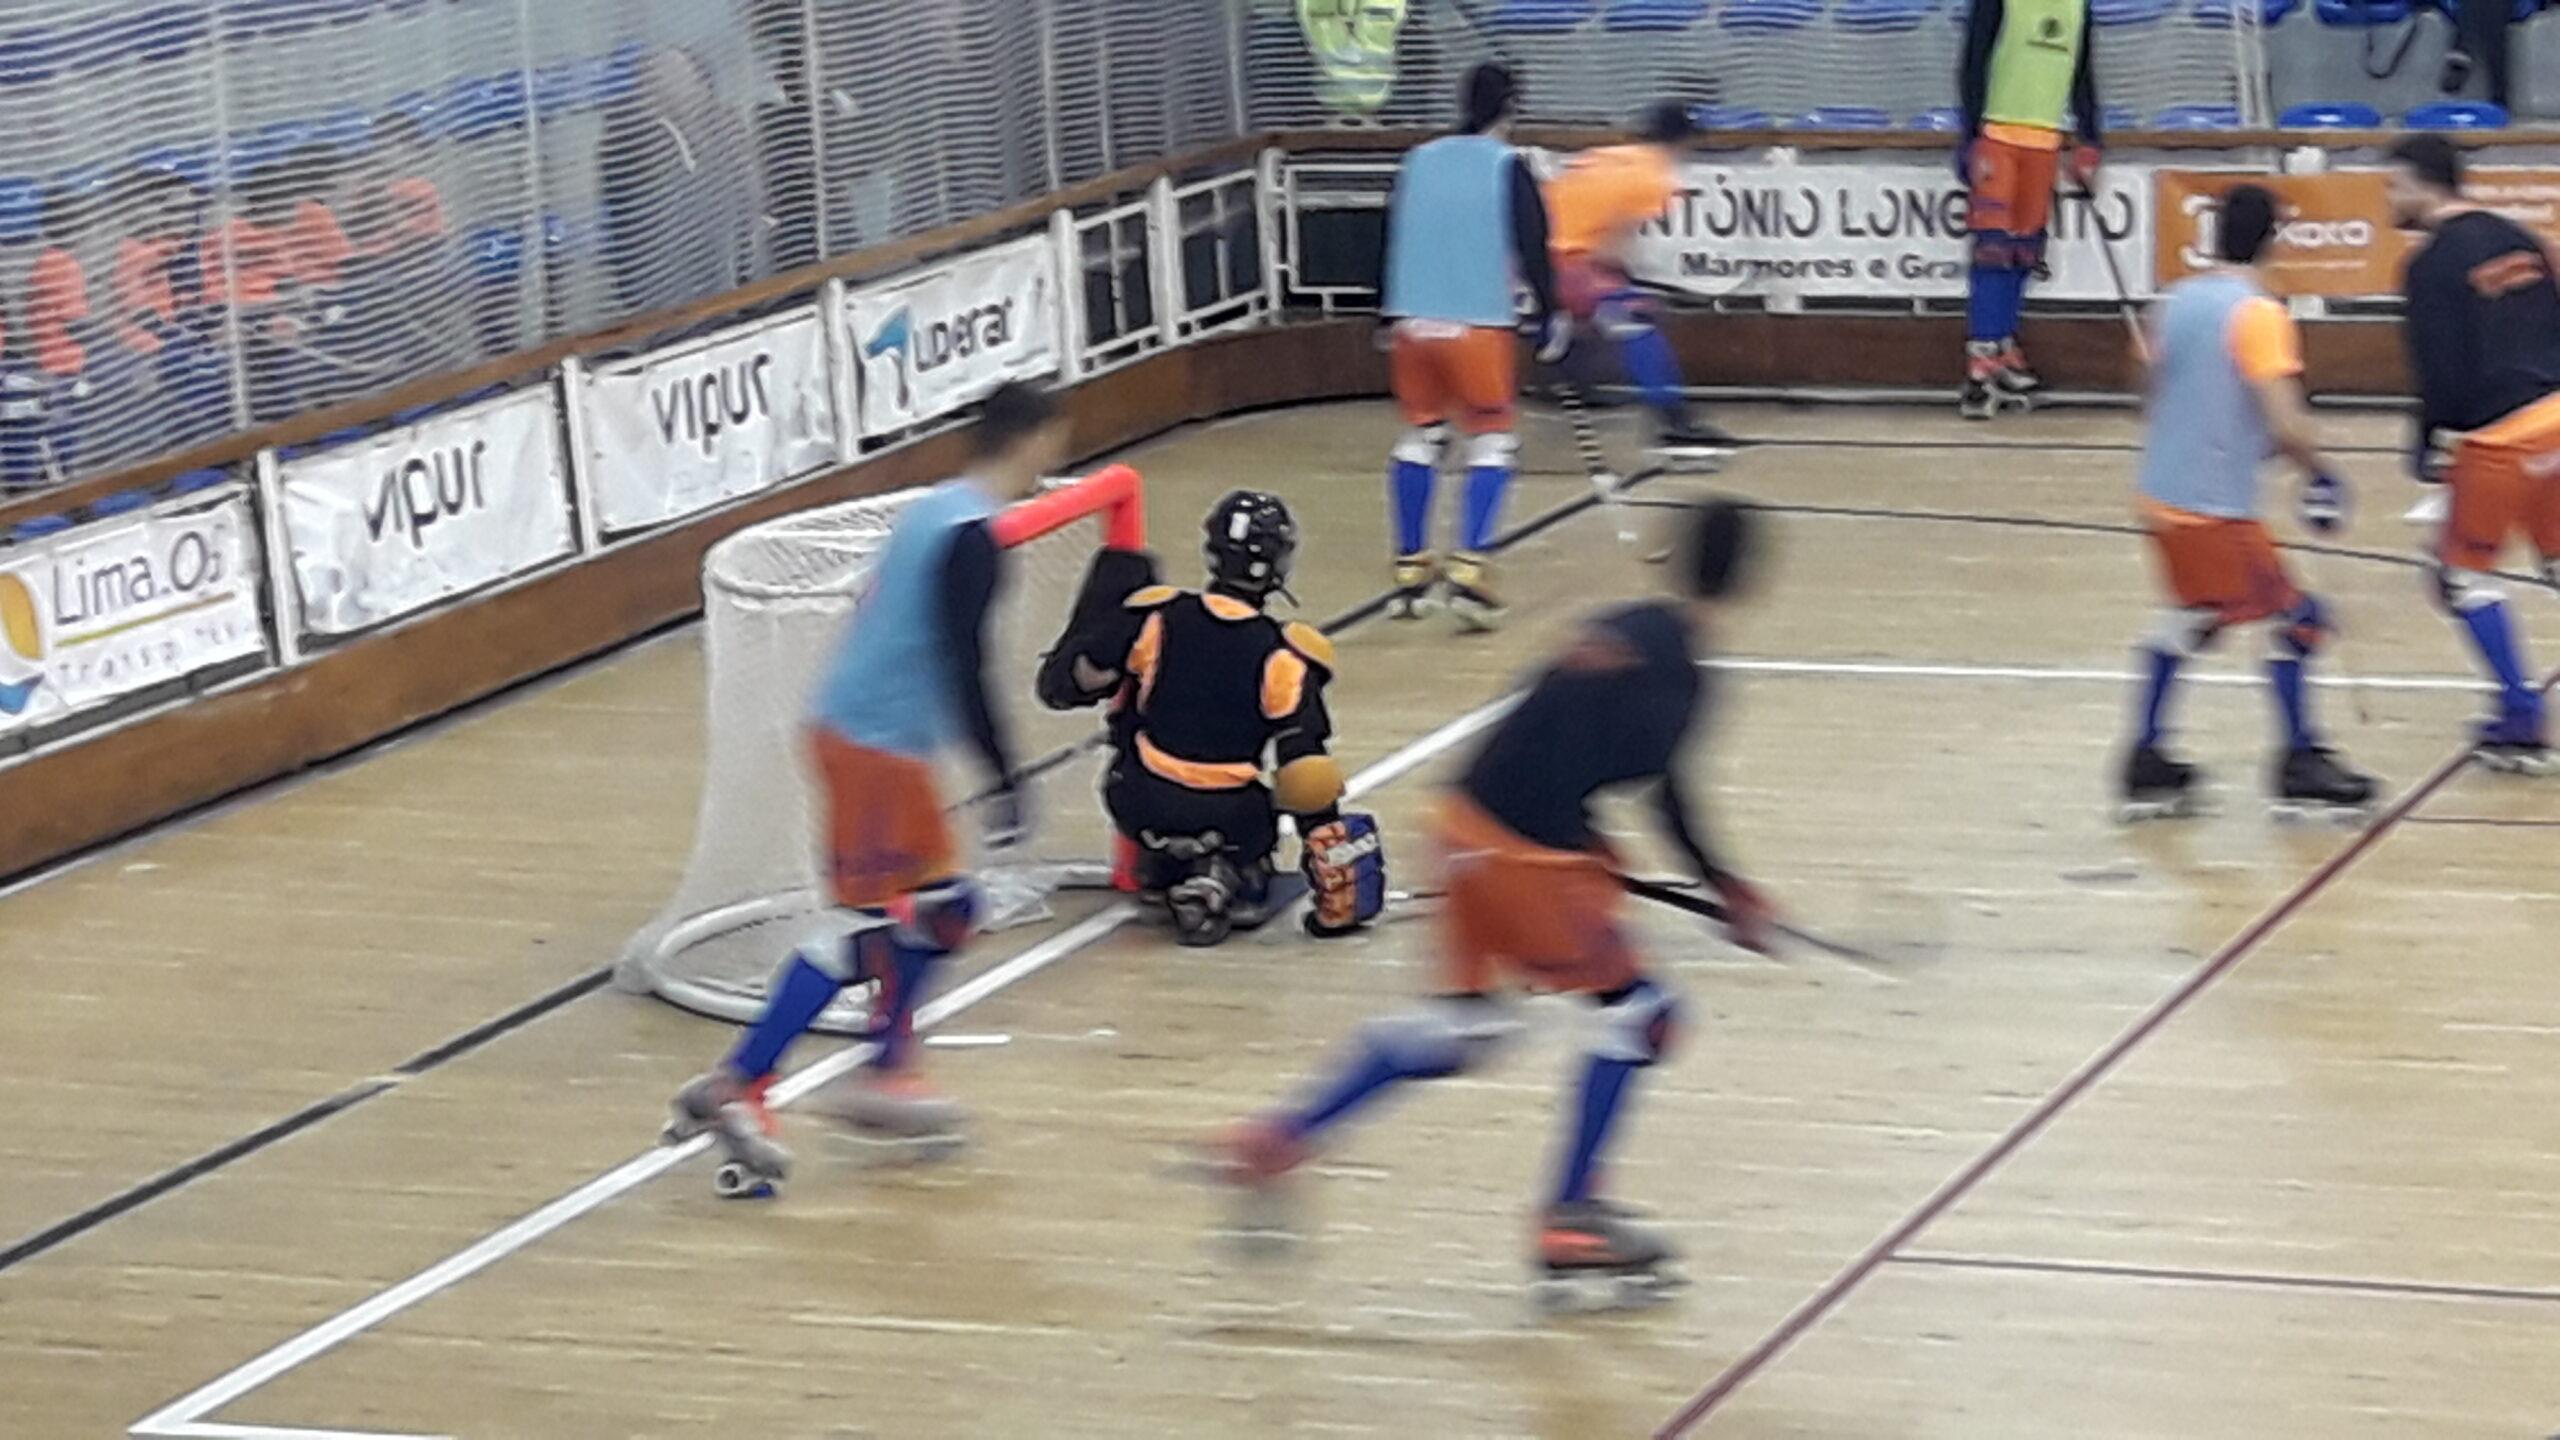 Juventude de Viana inicia campeonato de hoquei em patins com derrota frente à Oliveirense